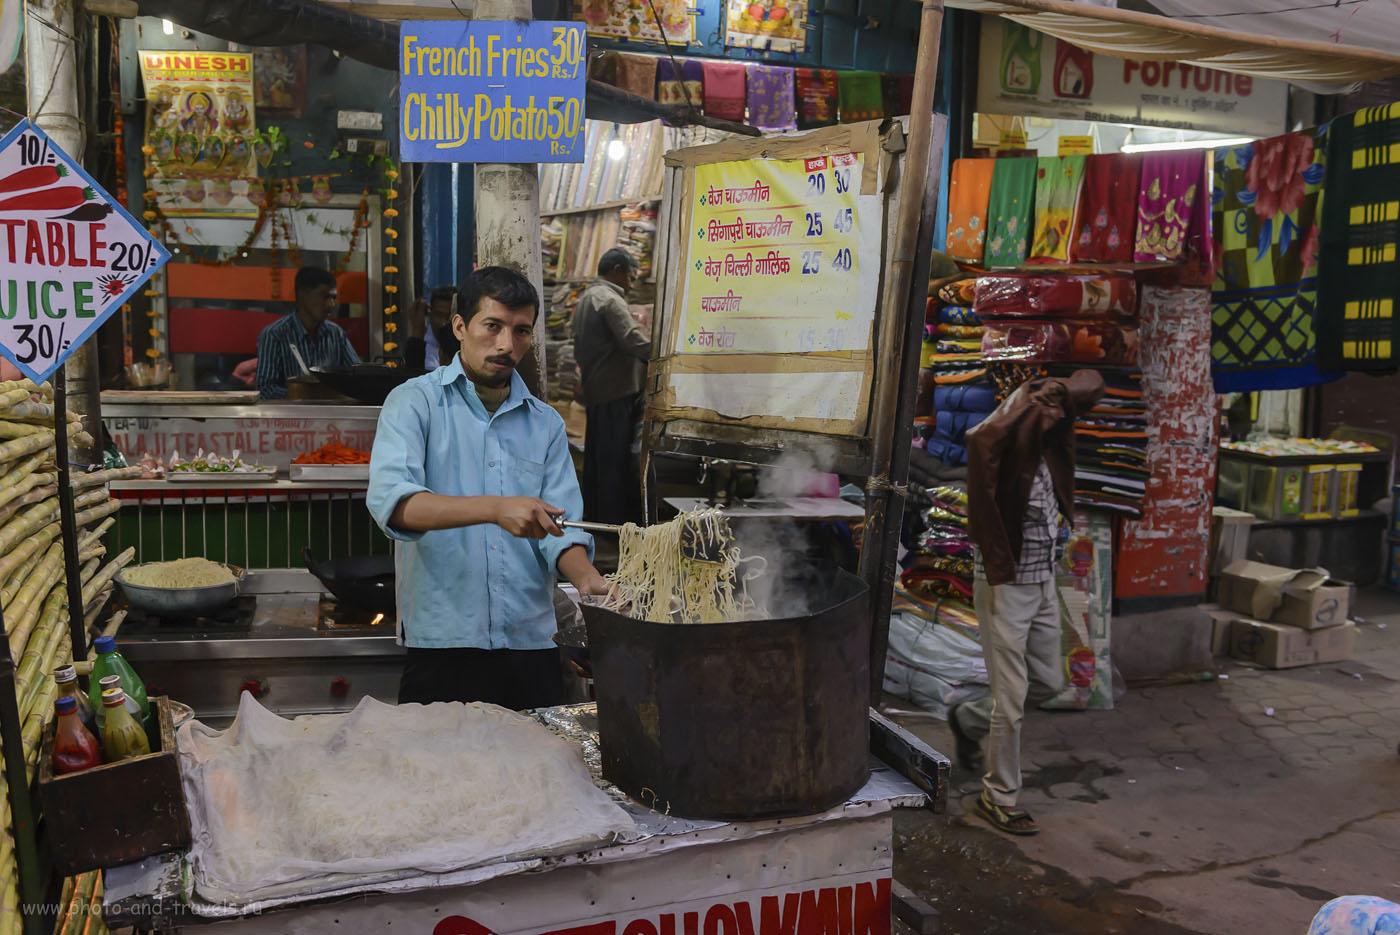 Фото 20. Как и в Таиланде, или в Китае, на улицах индийских городов готовят «макашники». Хотя, они не так распространены, как в других странах Азии. 1/125, -0.33, 4.5, 4000, 24.